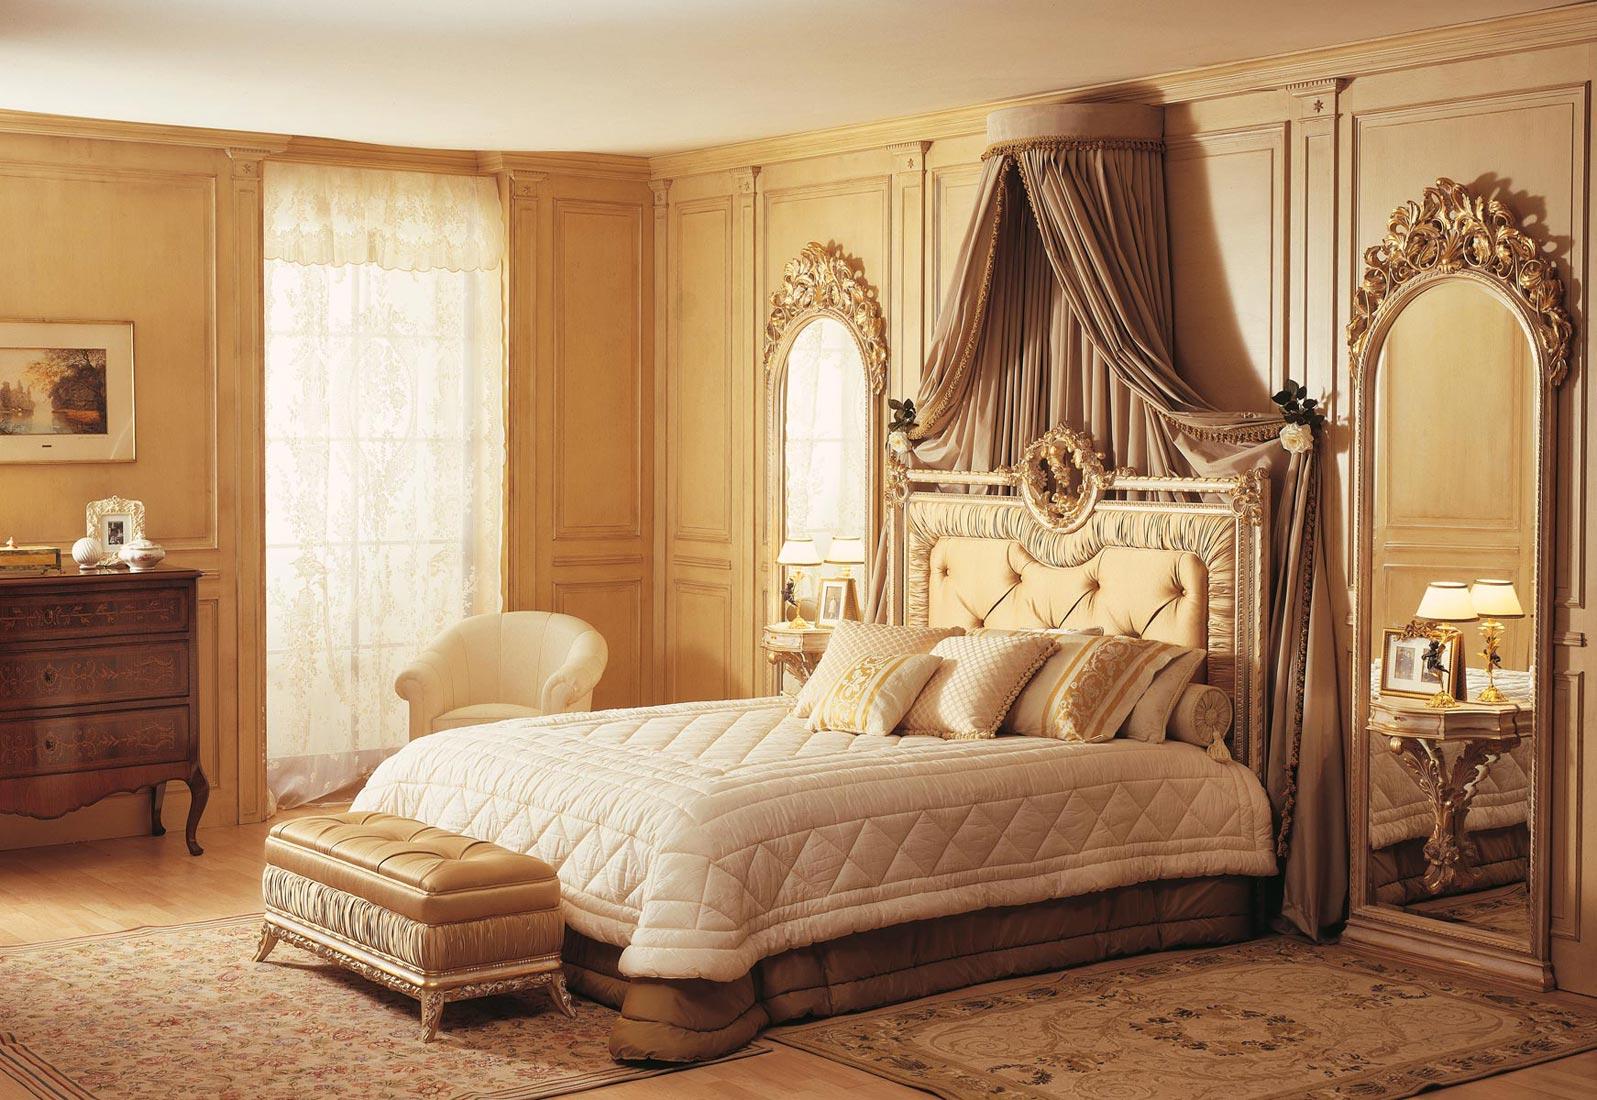 Camera da letto classica Louvre, letto e specchiere bianco su oro  Vimercati Meda